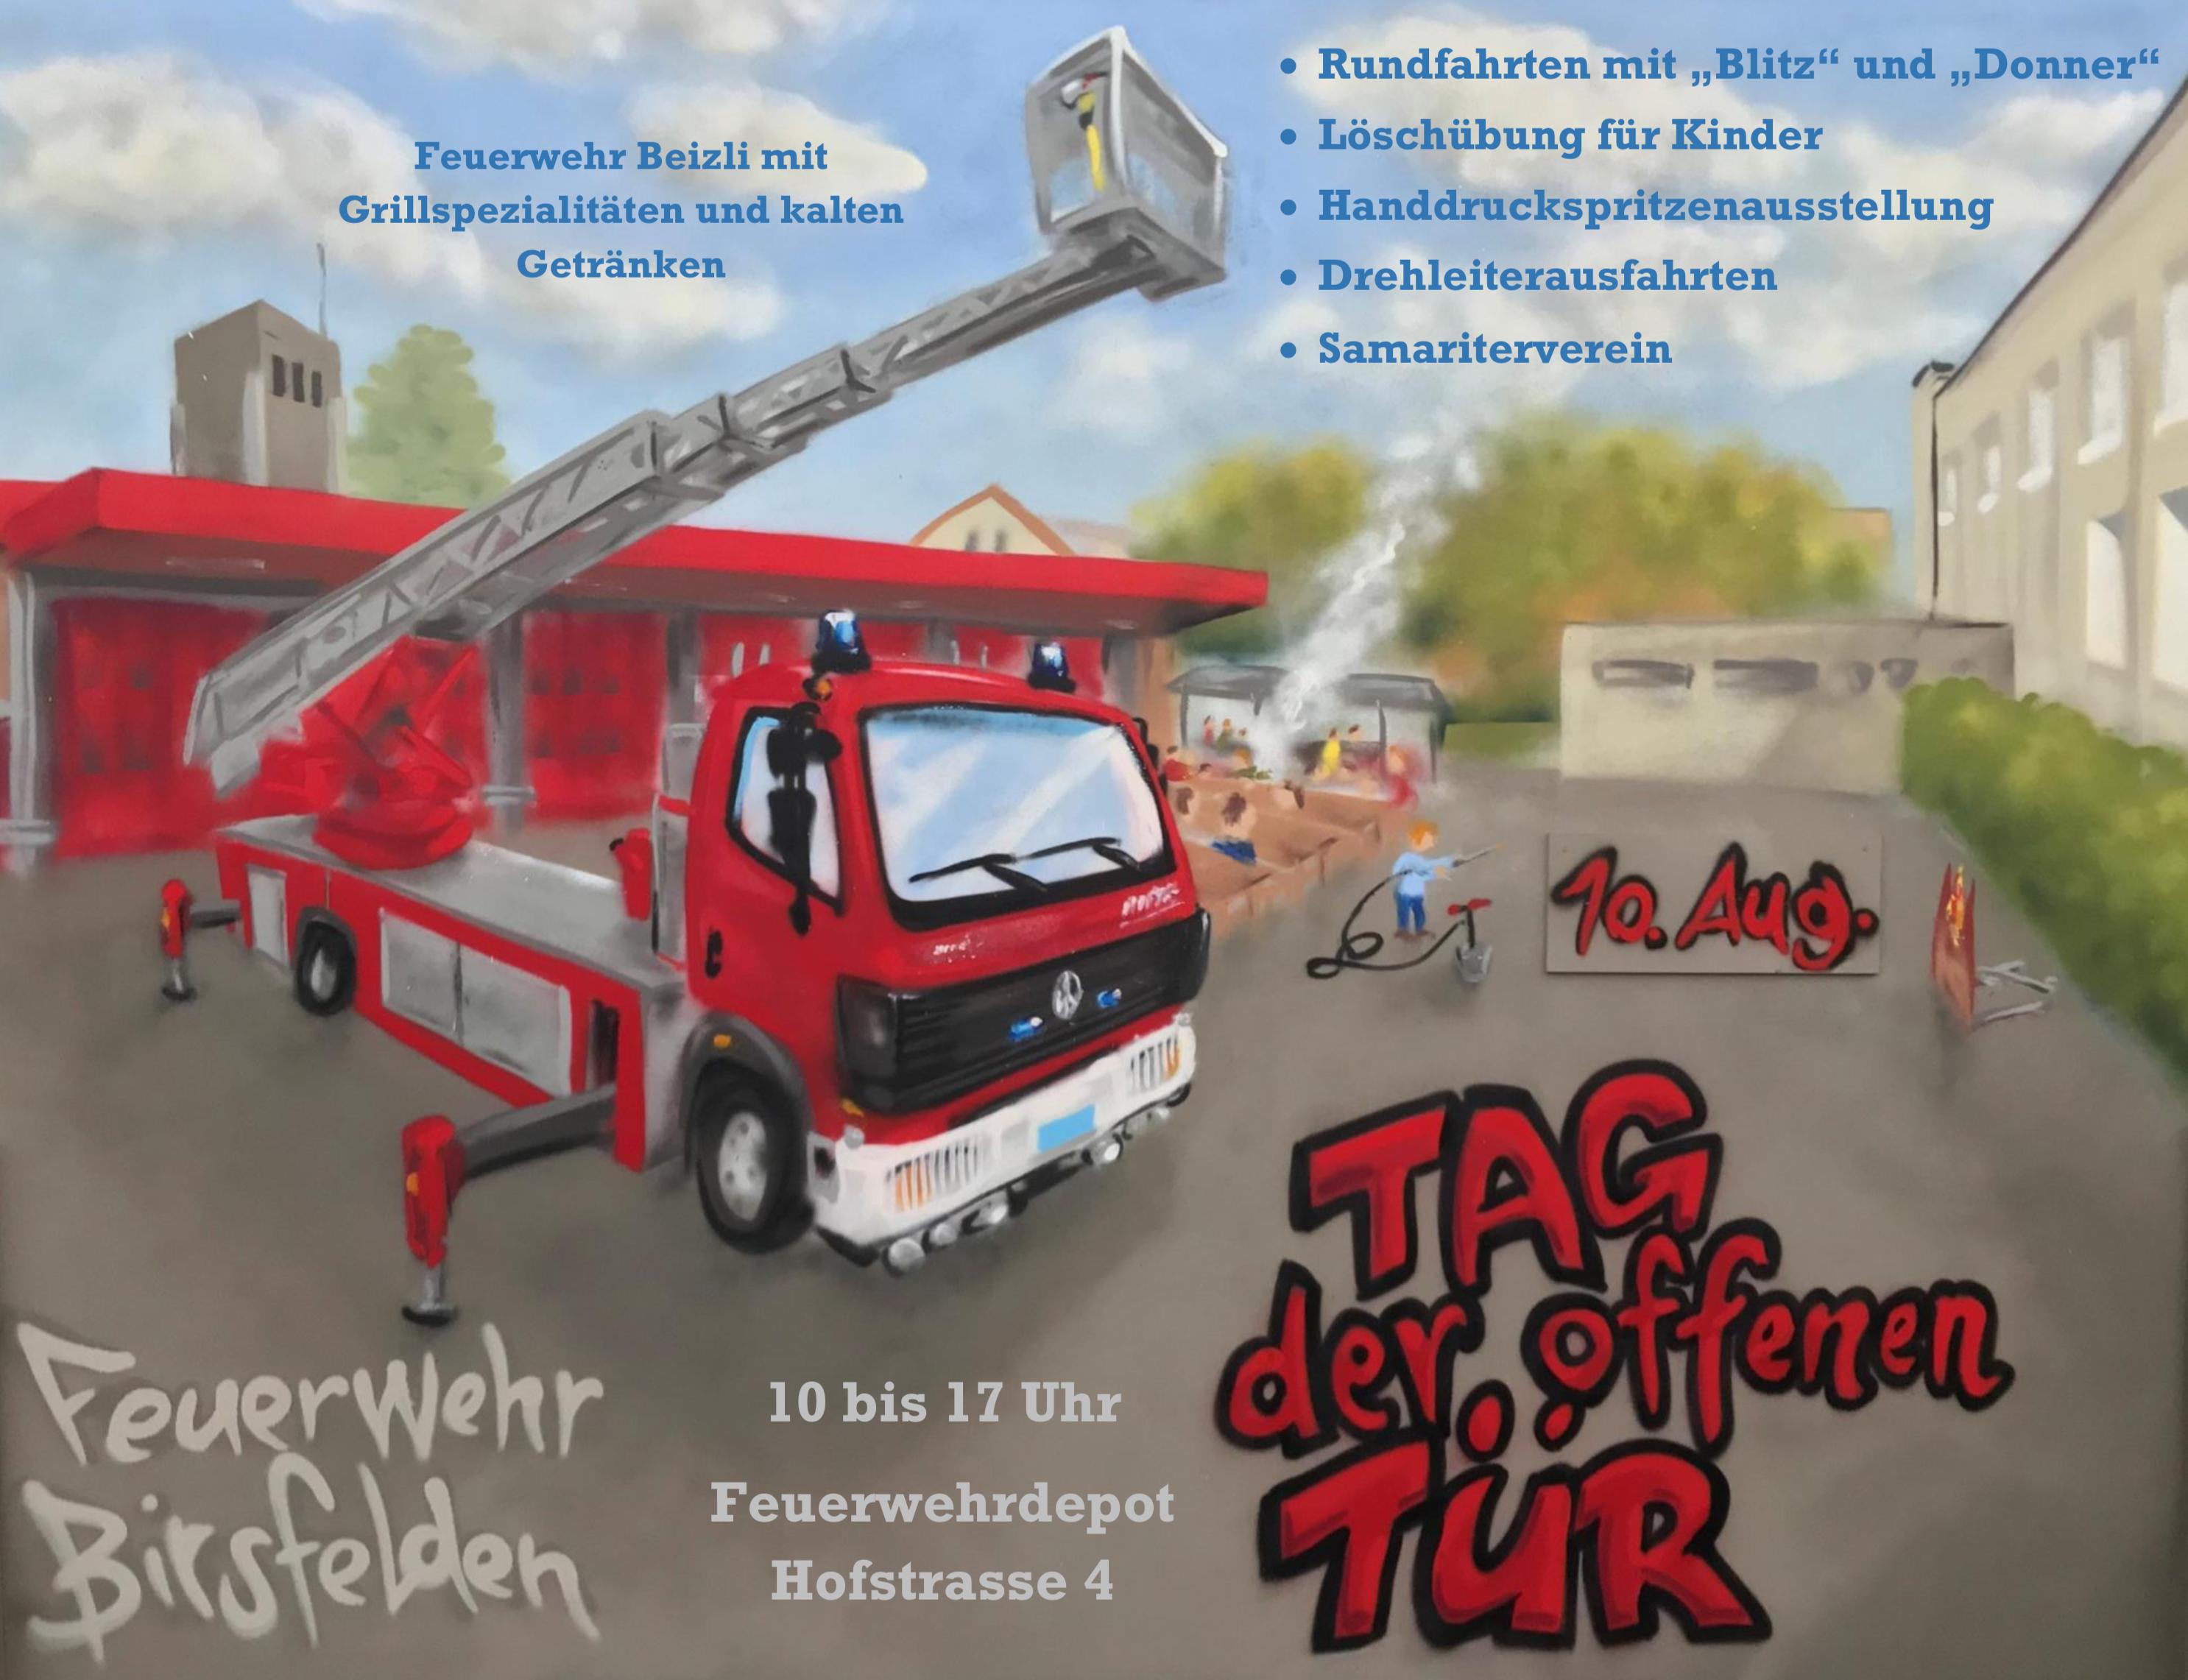 Feuerwehr Birsfelden – Tag der offenen Tür